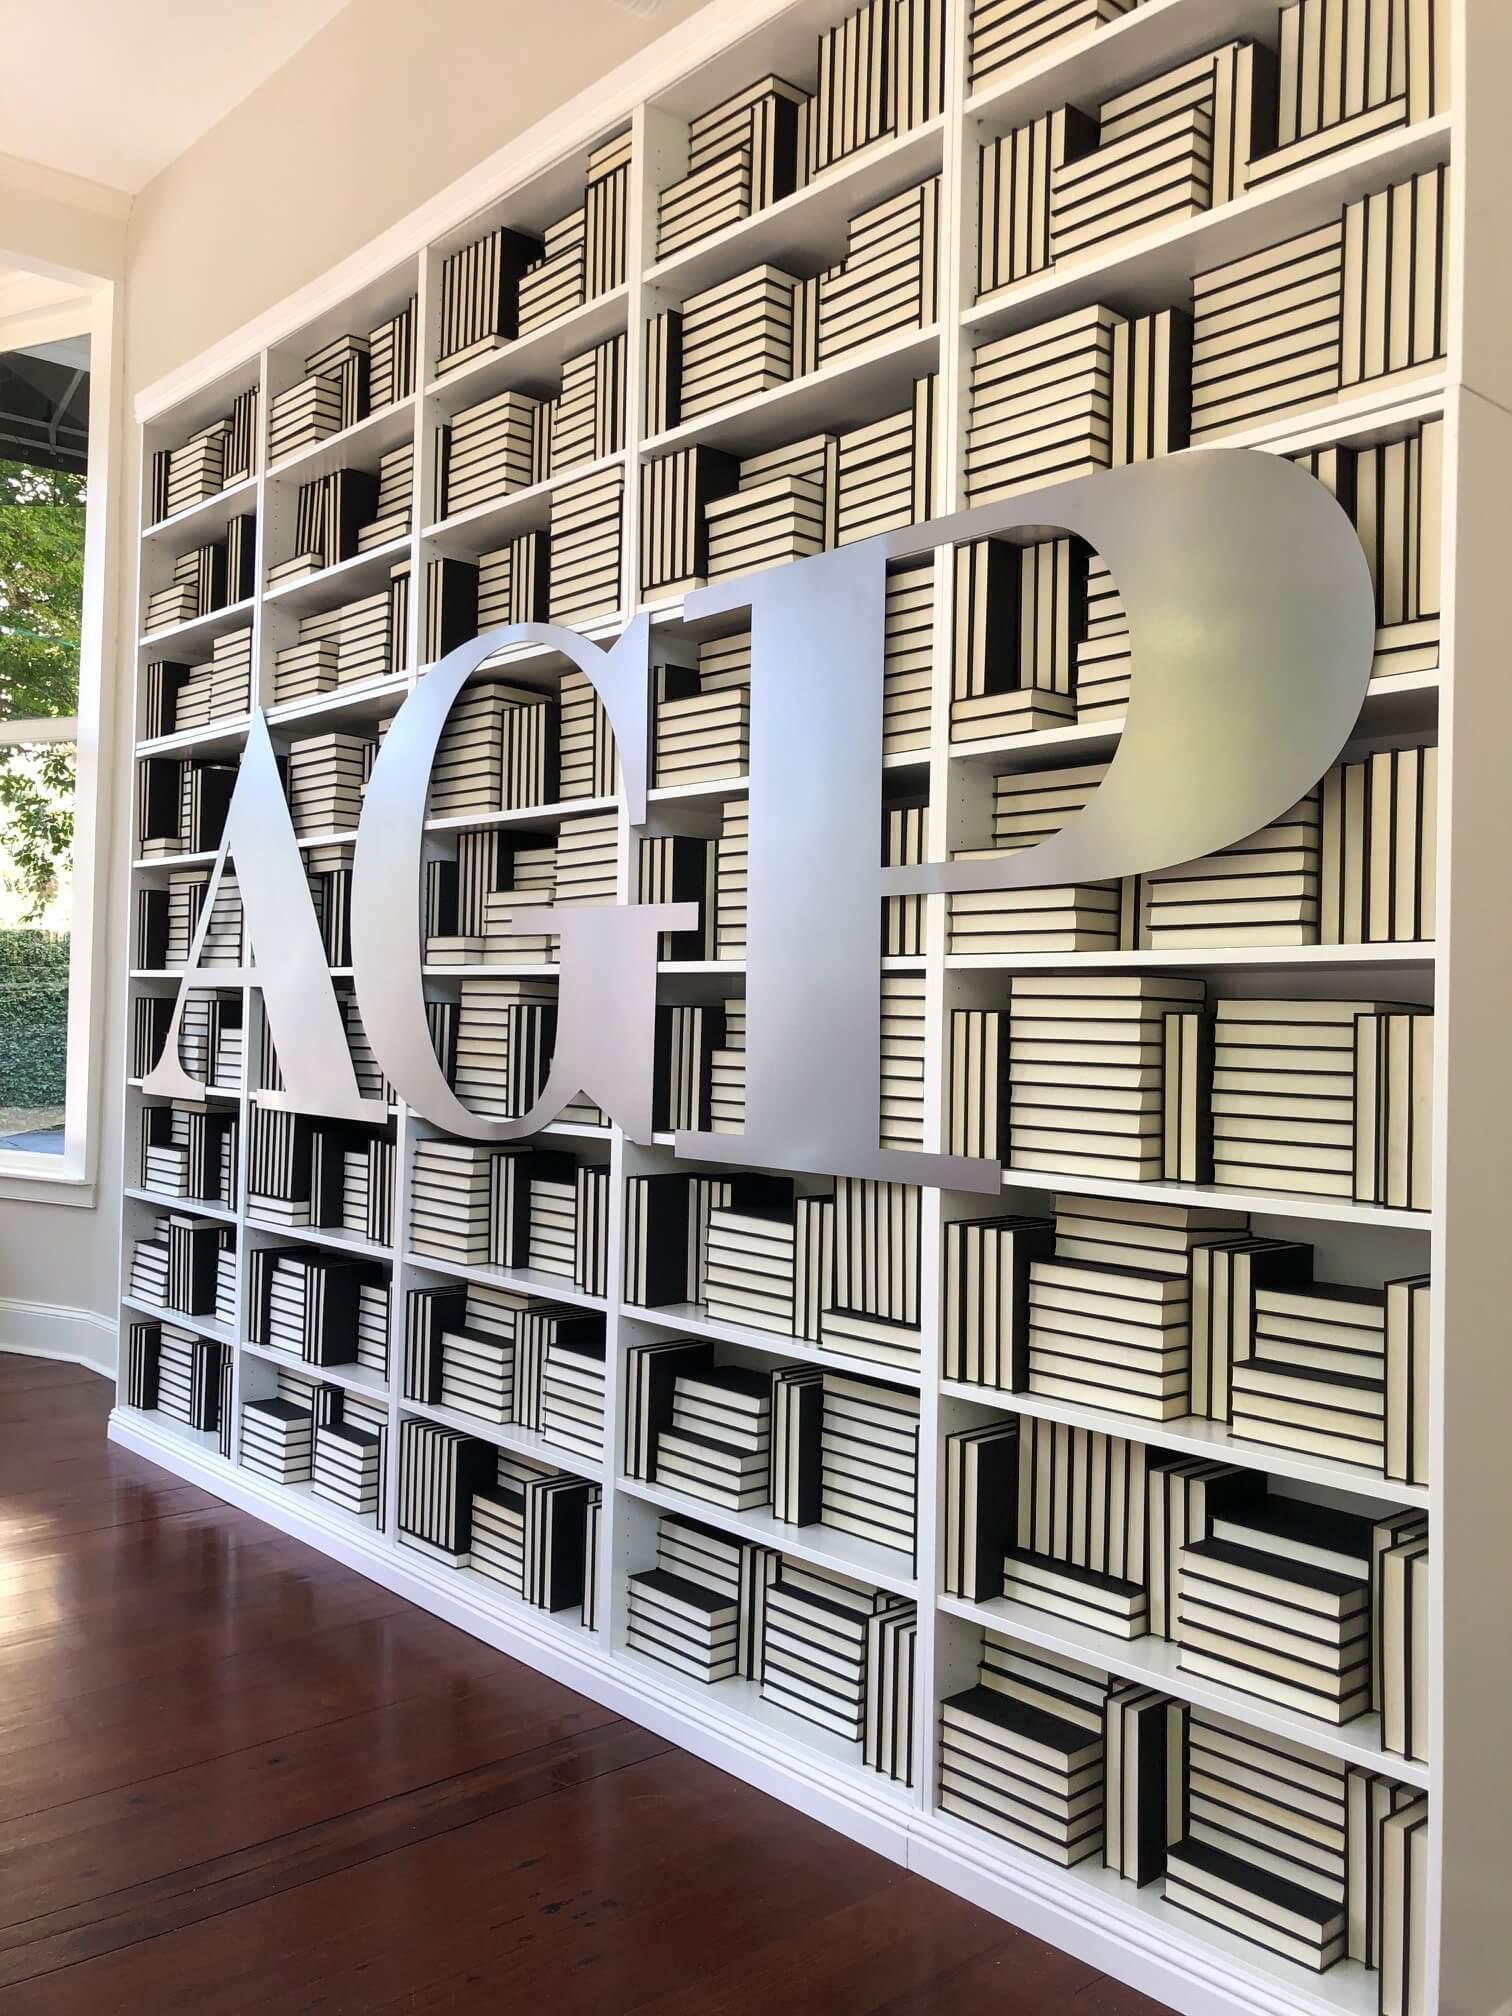 Bookshelves with Logo